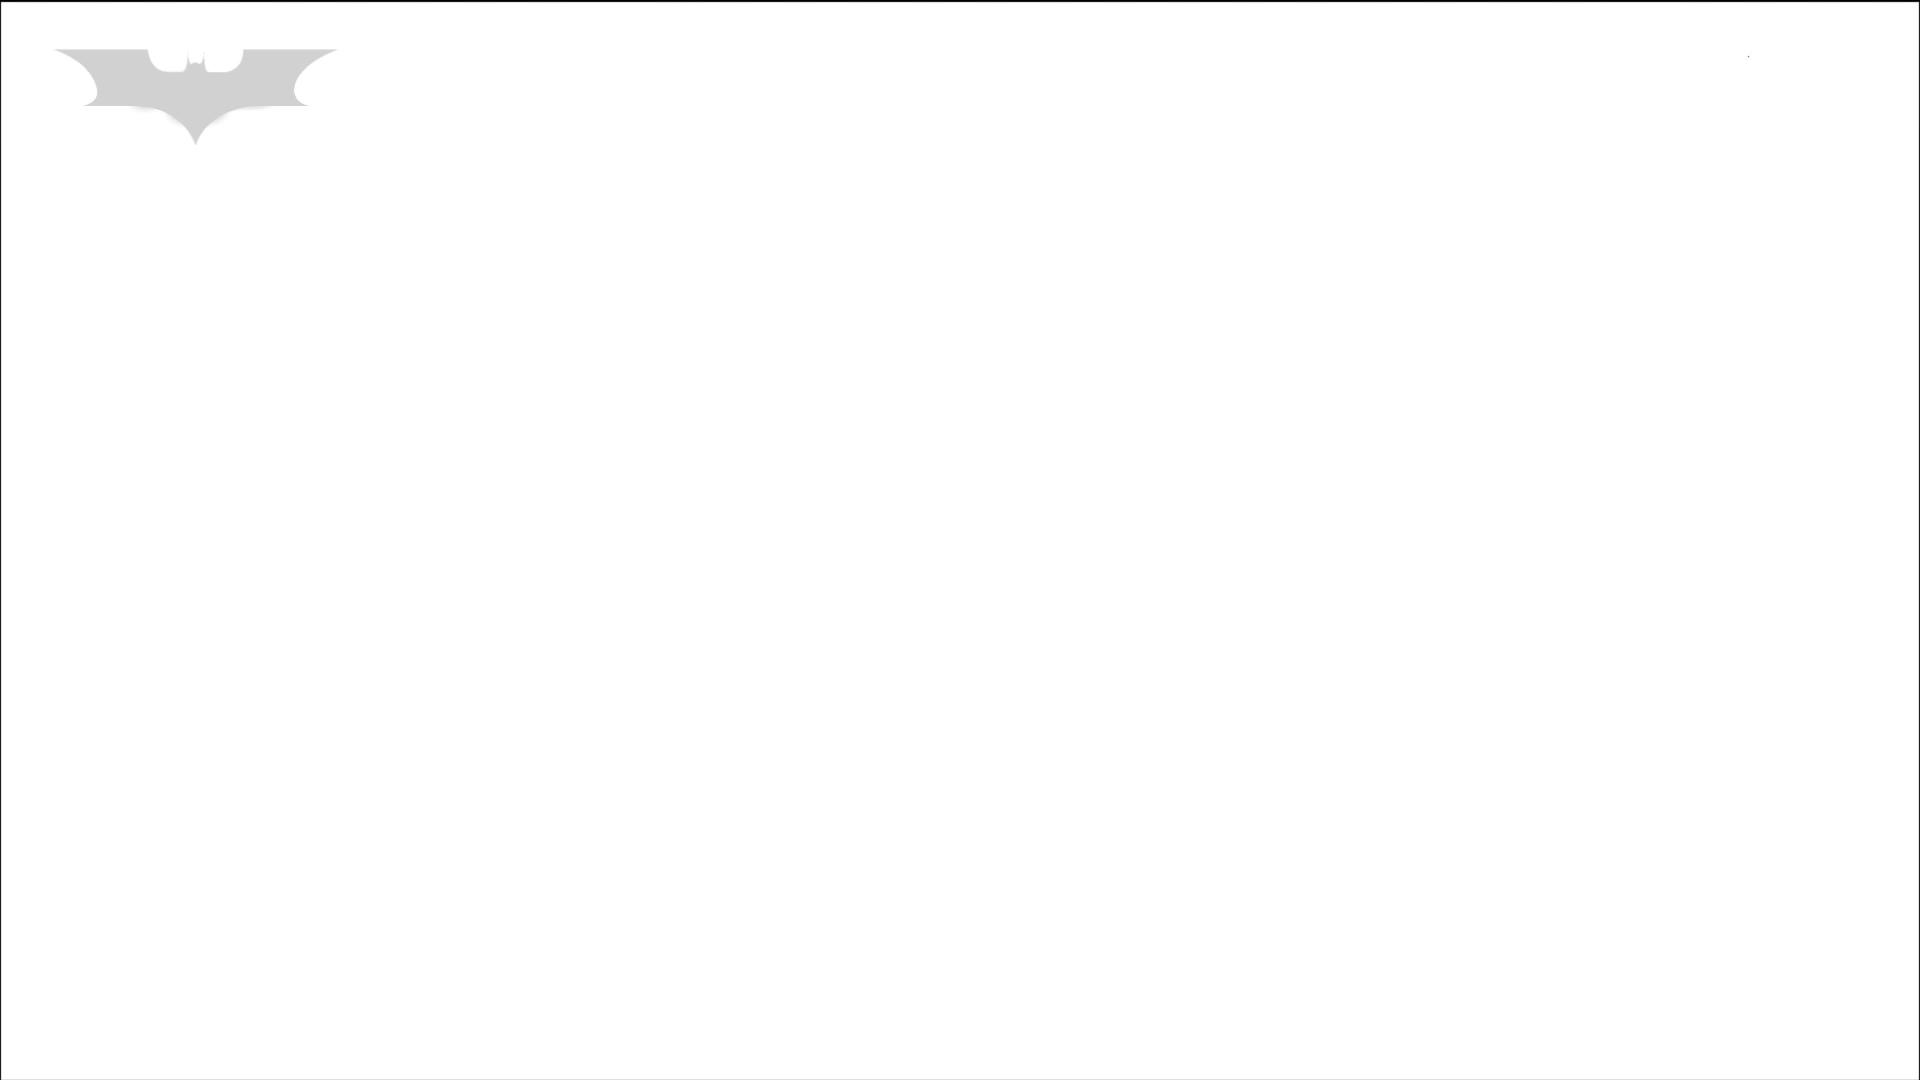 潜入!!台湾名門女学院 Vol.01 女子大生達がワッサ,ワッサ!! OL | 潜入エロ調査  97連発 5